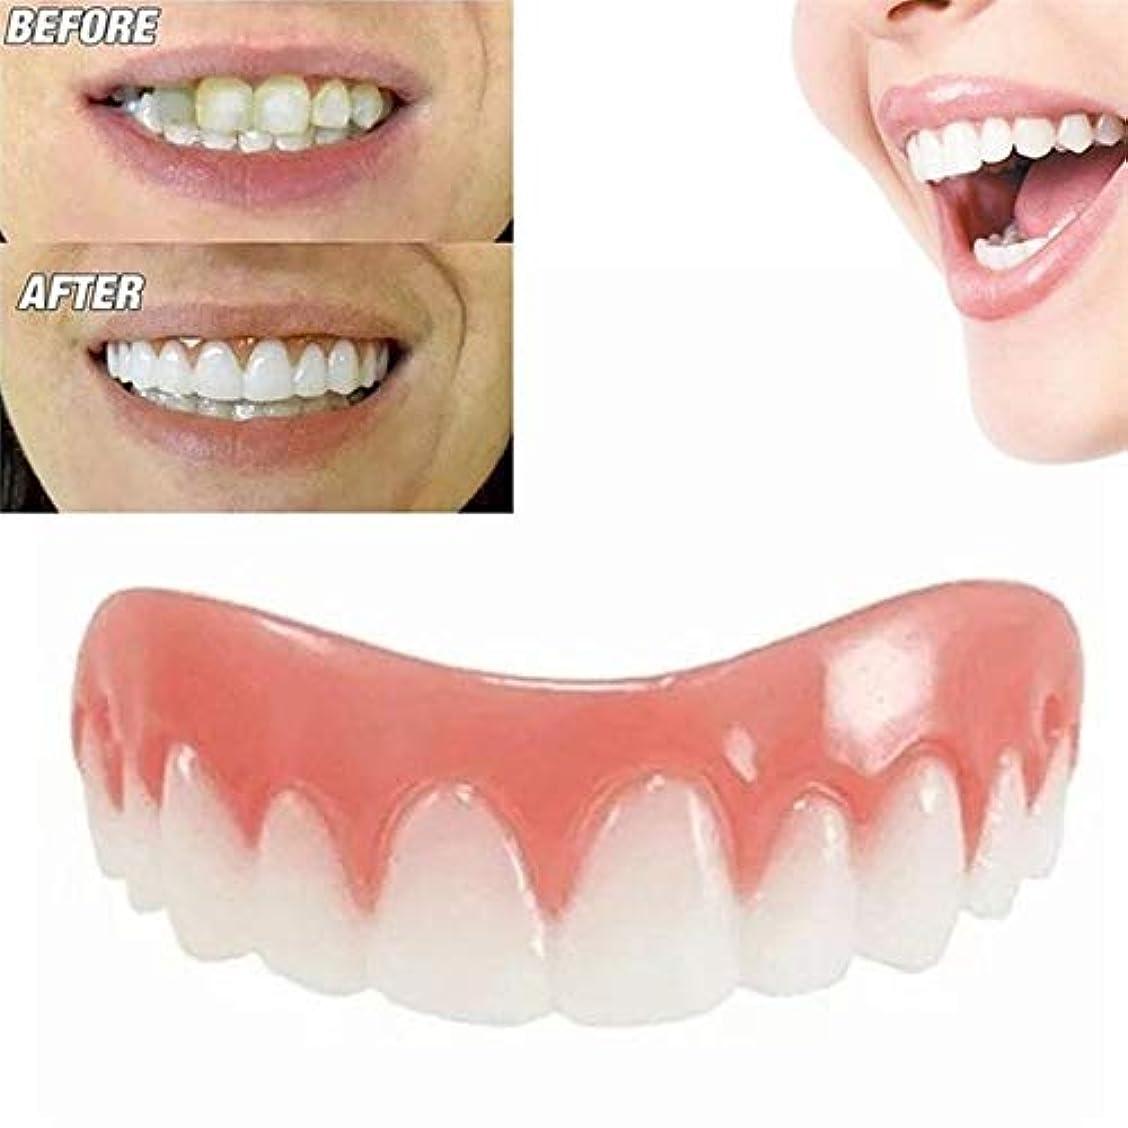 無実輸送完全に30個完璧な笑顔のベニヤ偽の歯アッパー偽の歯のカバー悪い歯のための歯のためのあなたに与えます完璧な笑顔のベニヤ - ワンサイズフィット